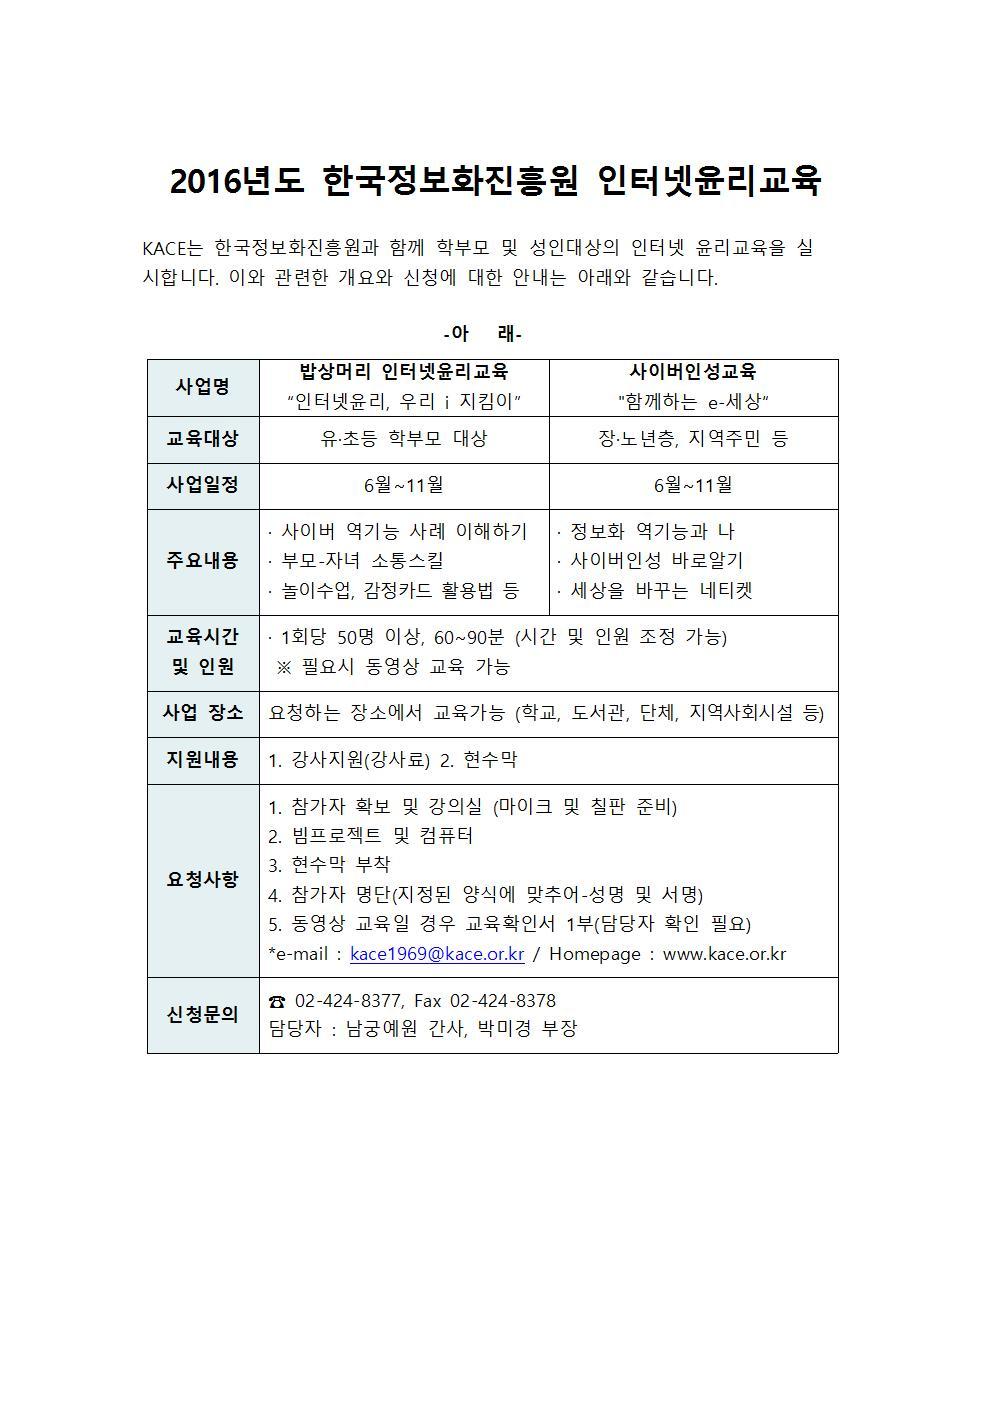 2016년도 인터넷윤리교육 안내_유초등학부모, 지역주민001.jpg